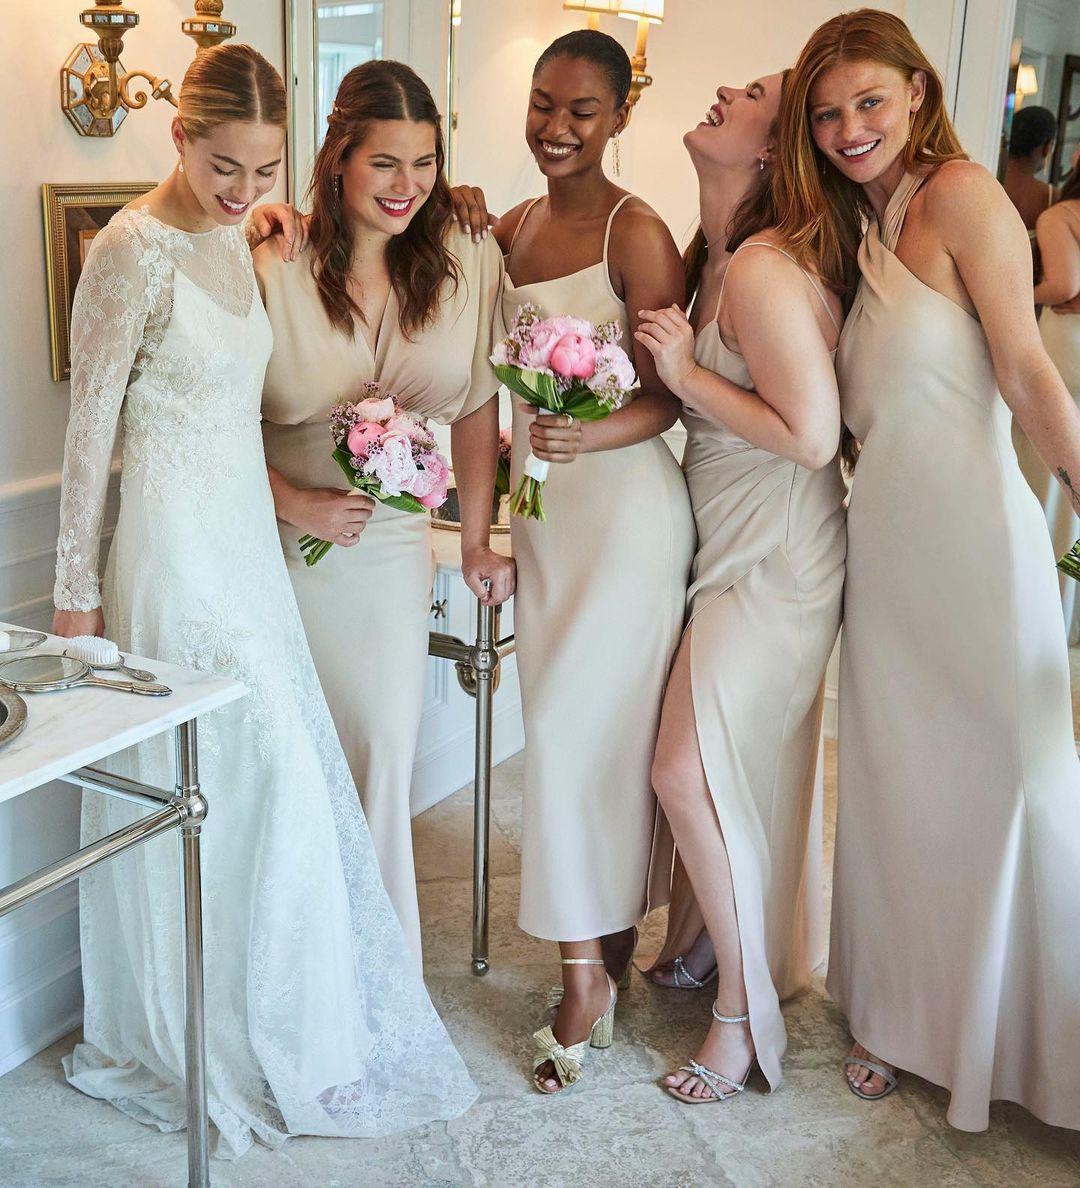 bhldn neutral bridesmaids laughing